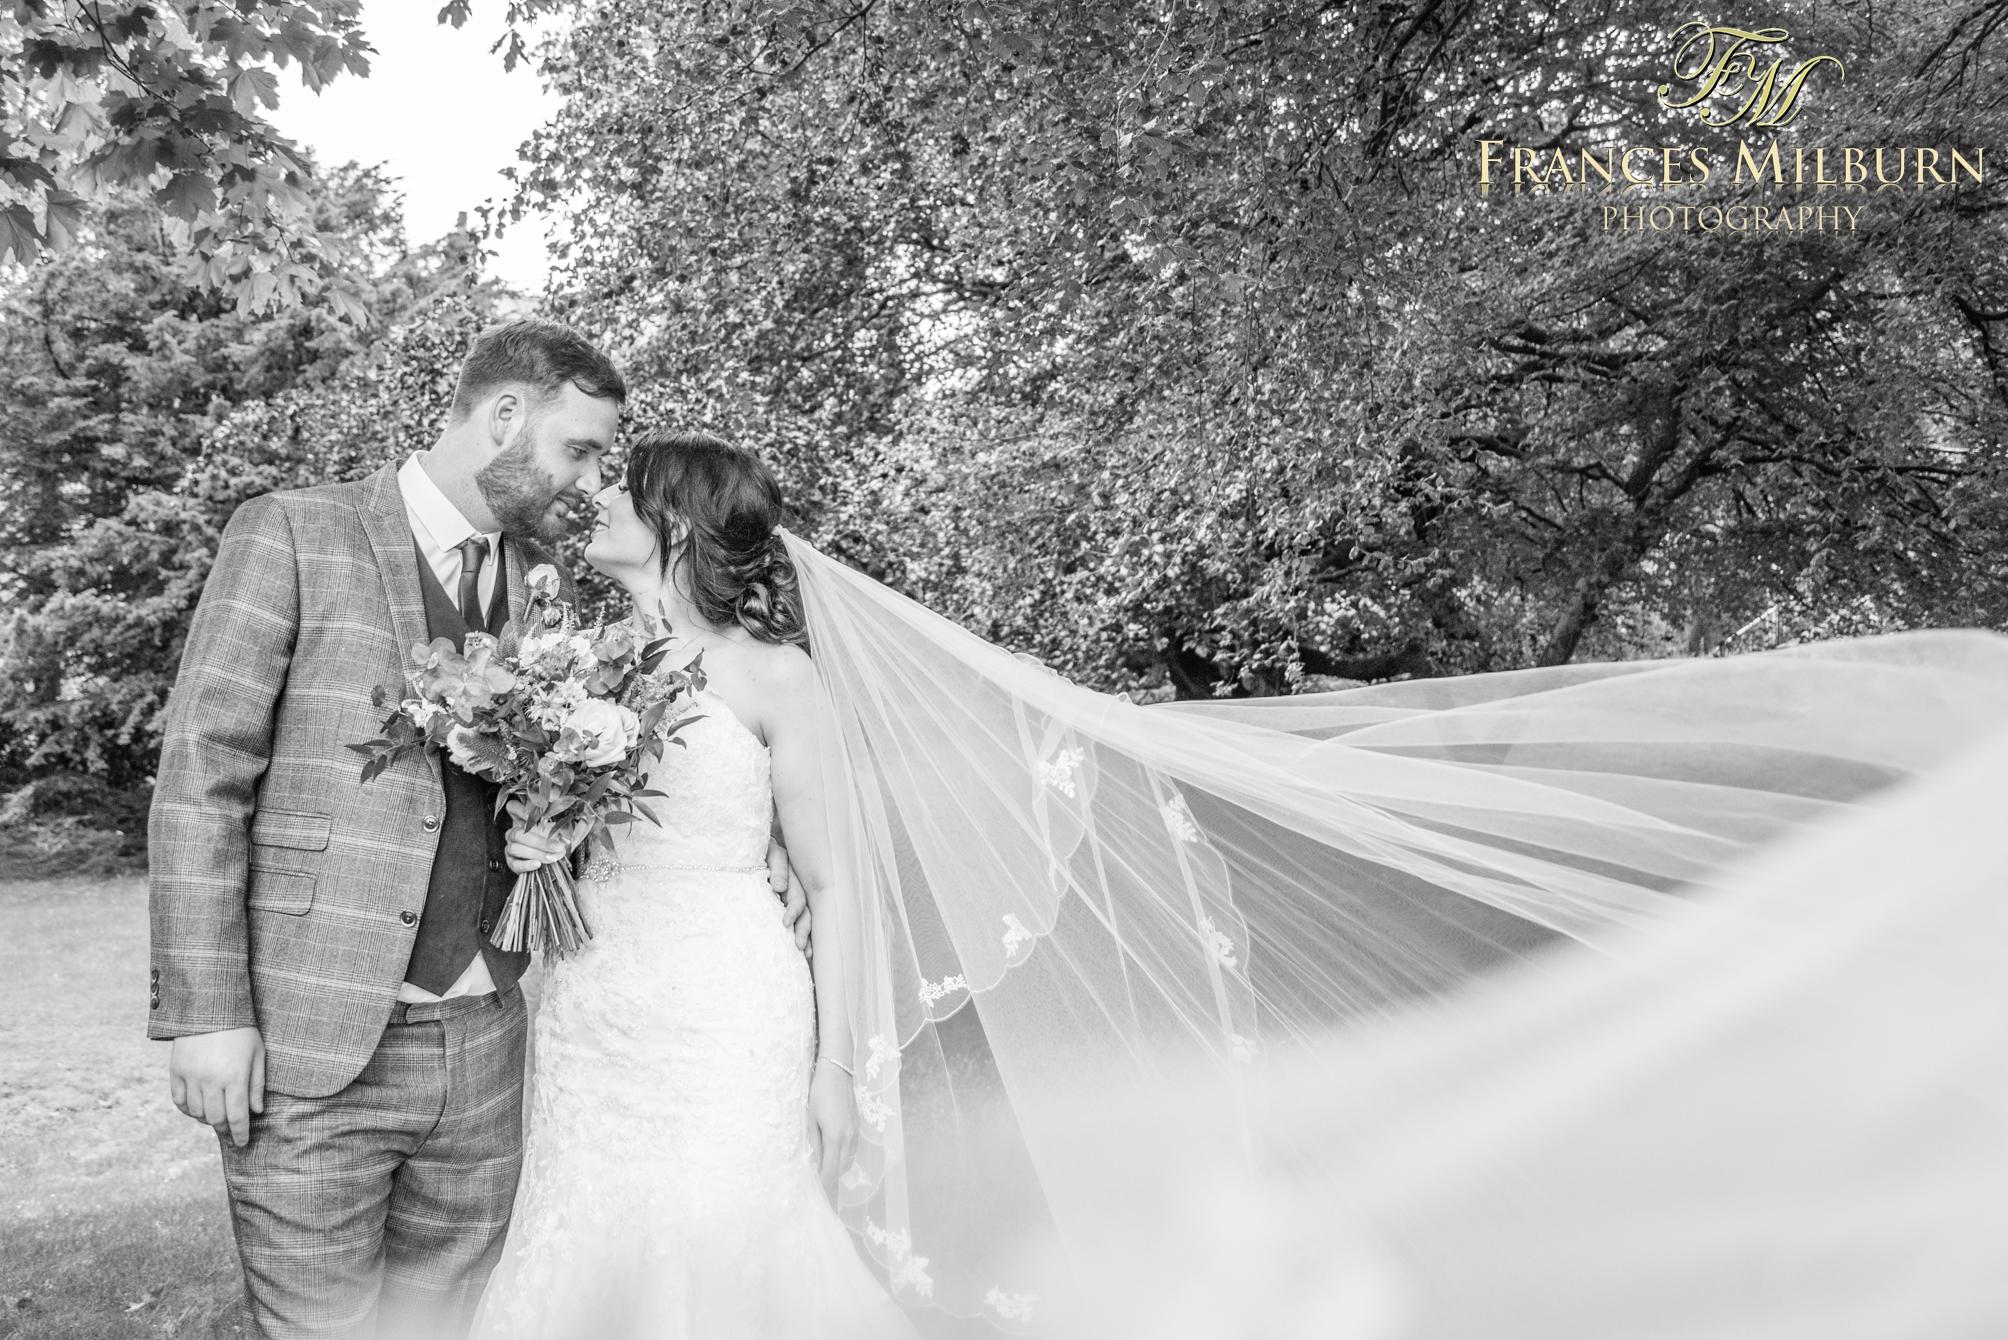 Bakewell Wedding PhotographerMilburn Photography-750